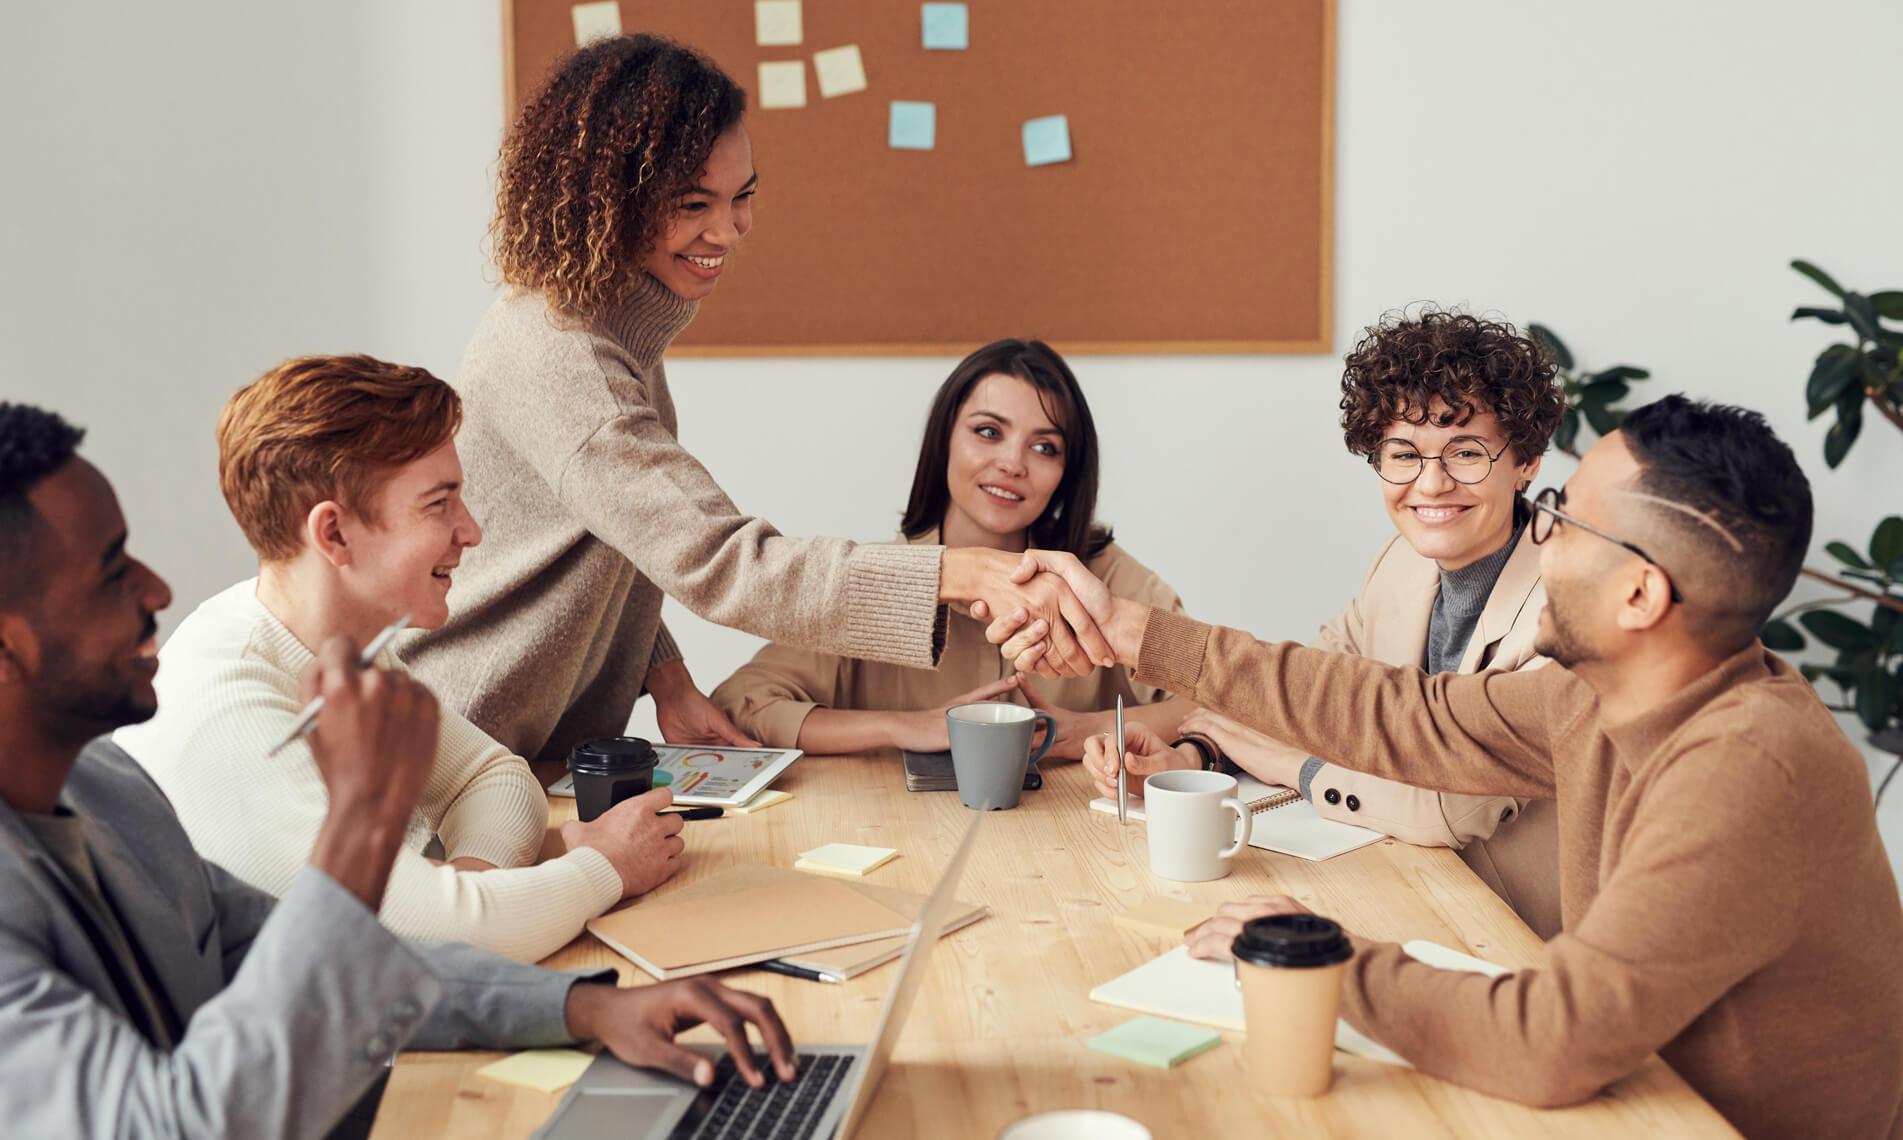 Saha Satışında Kurum İçi İletişimi Güçlendirmek İçin Tavsiyeler